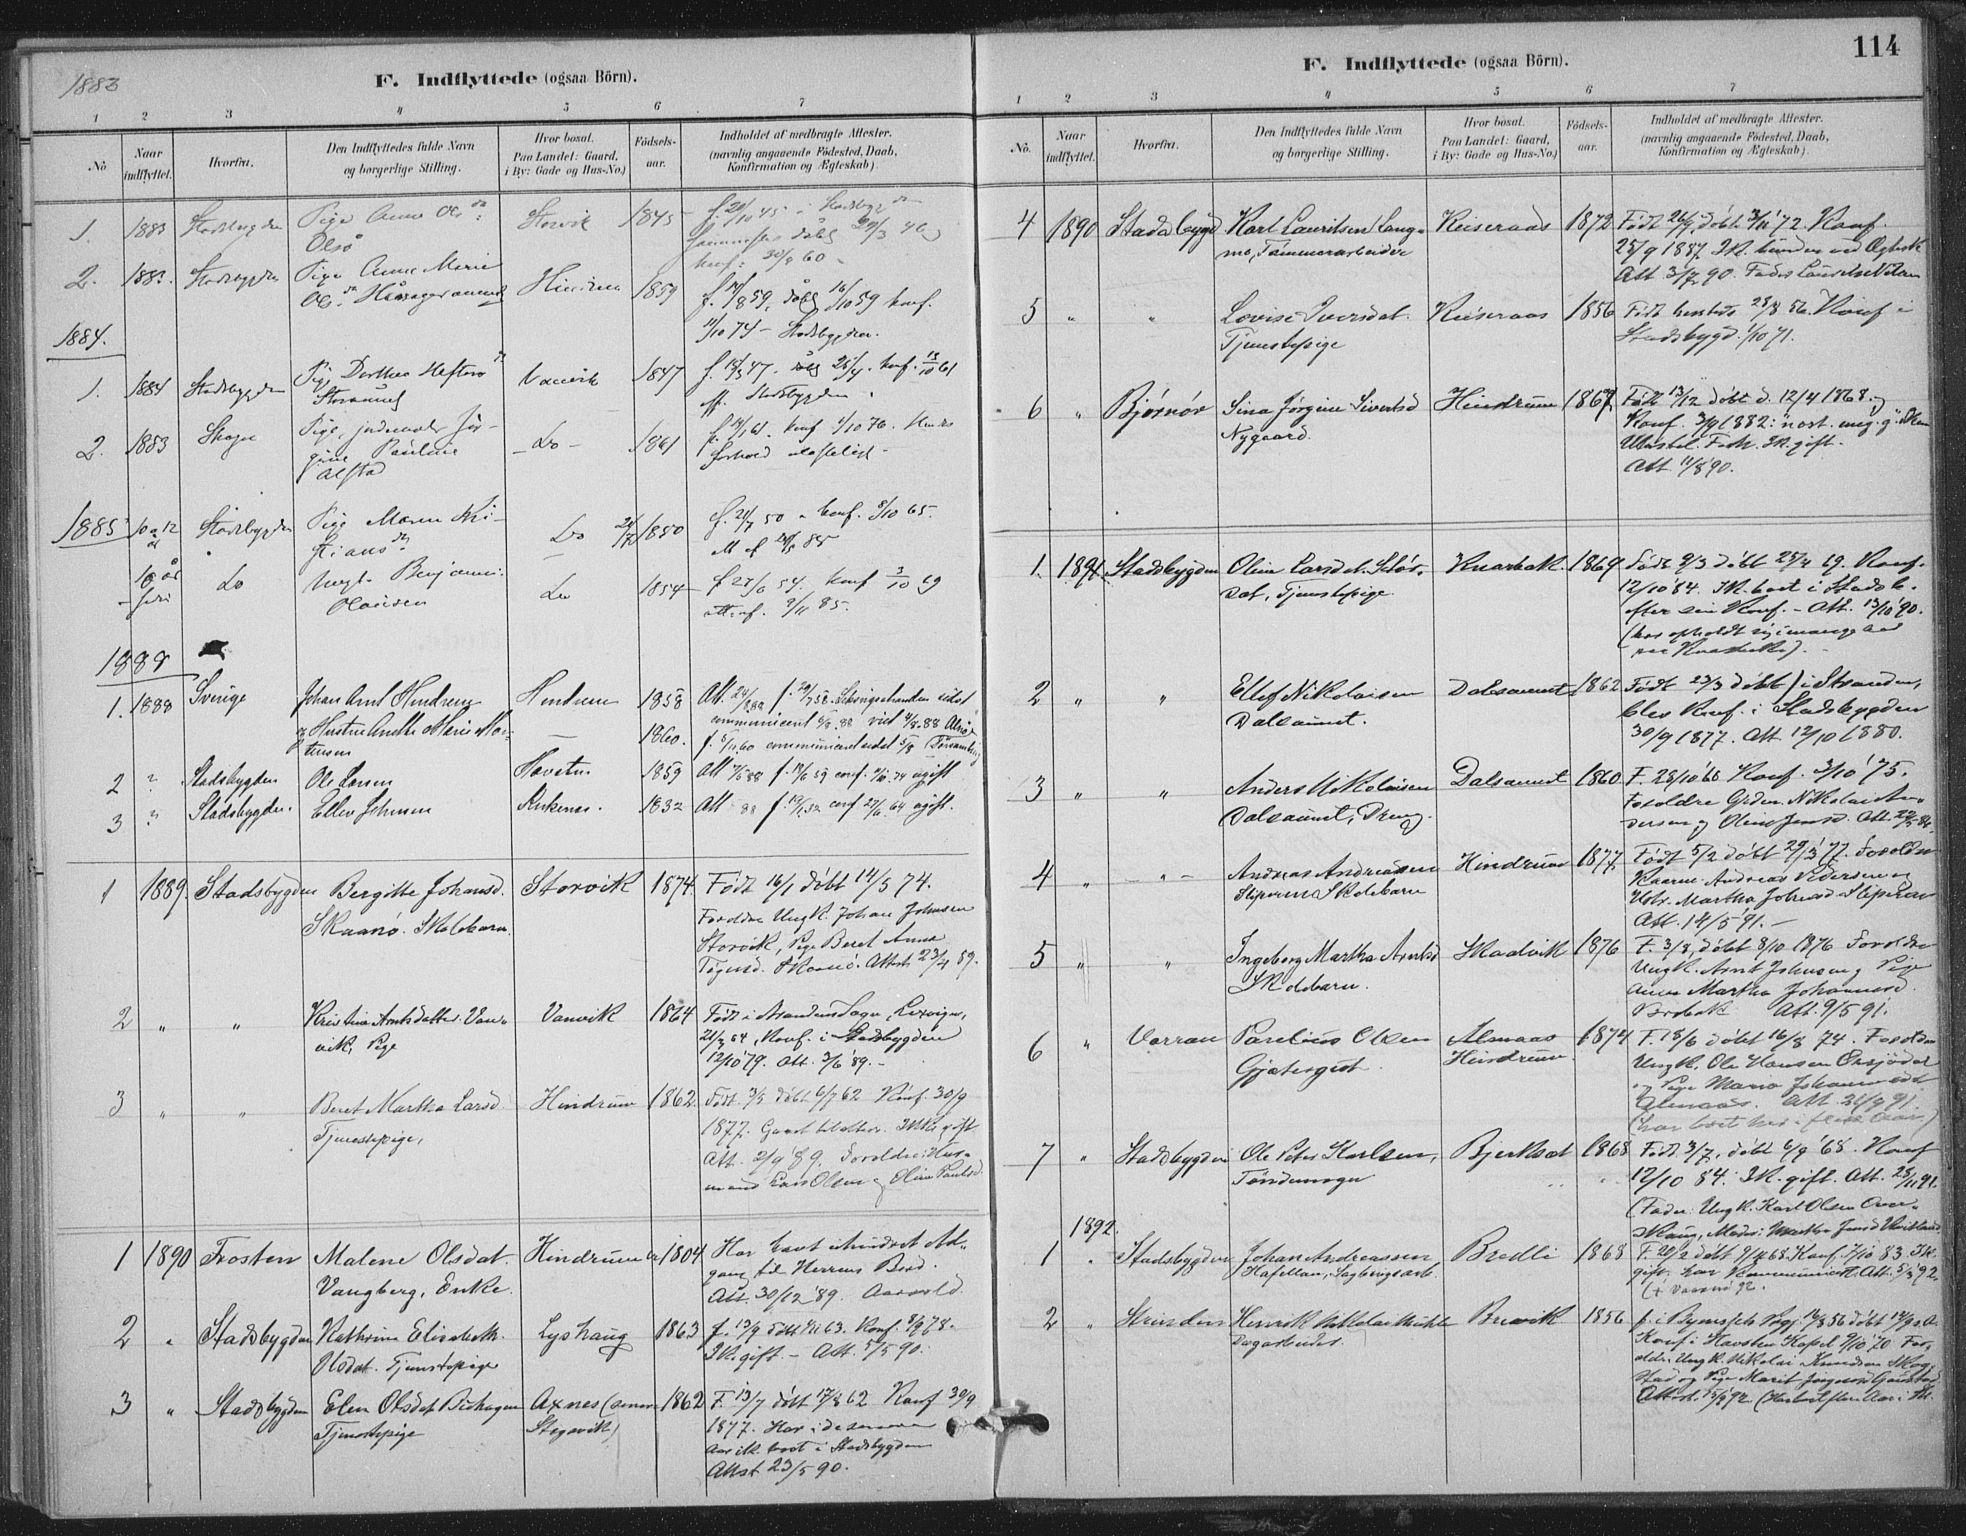 SAT, Ministerialprotokoller, klokkerbøker og fødselsregistre - Nord-Trøndelag, 702/L0023: Ministerialbok nr. 702A01, 1883-1897, s. 114